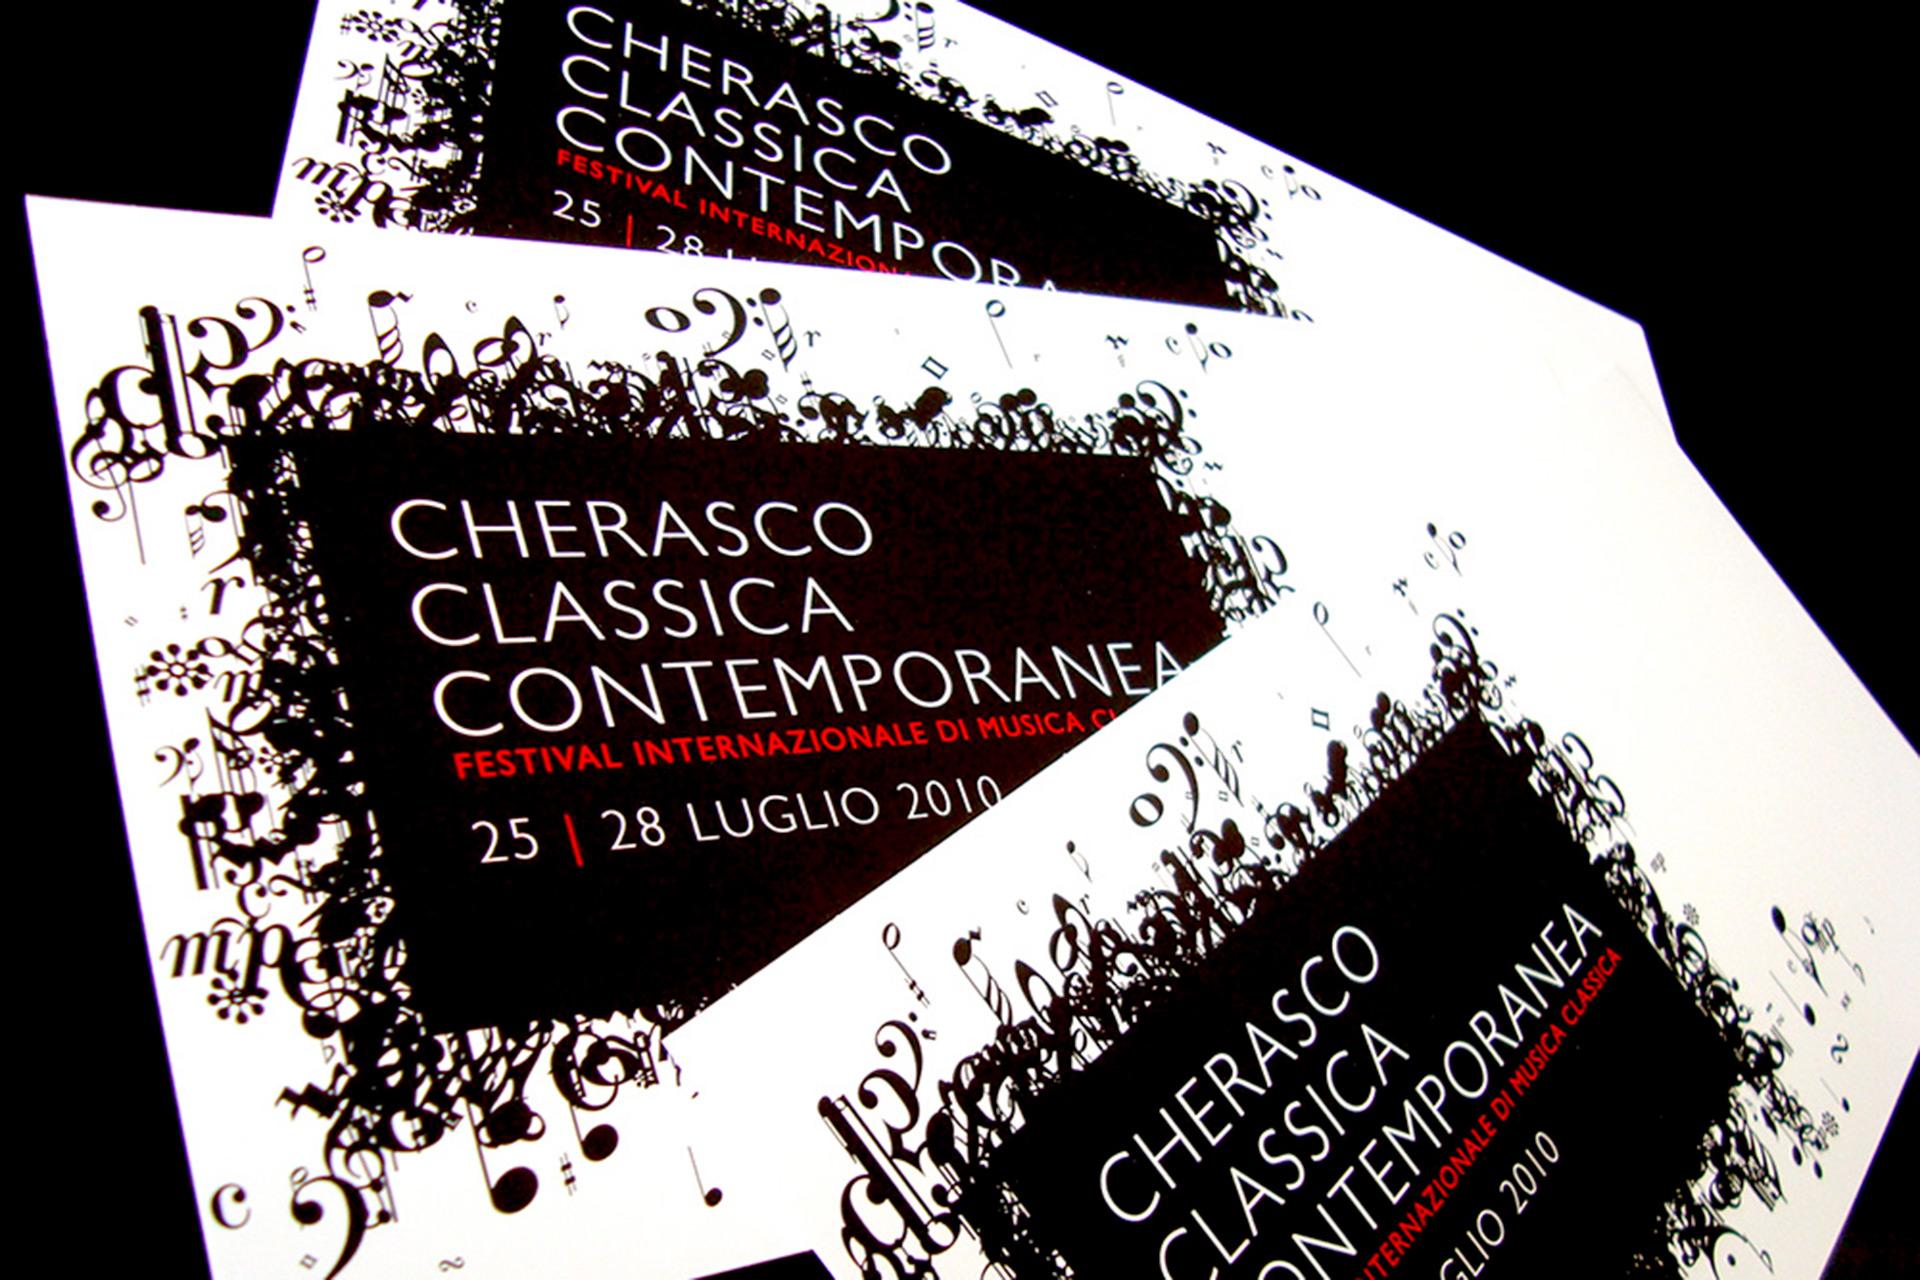 Cherasco Classica Contemporanea